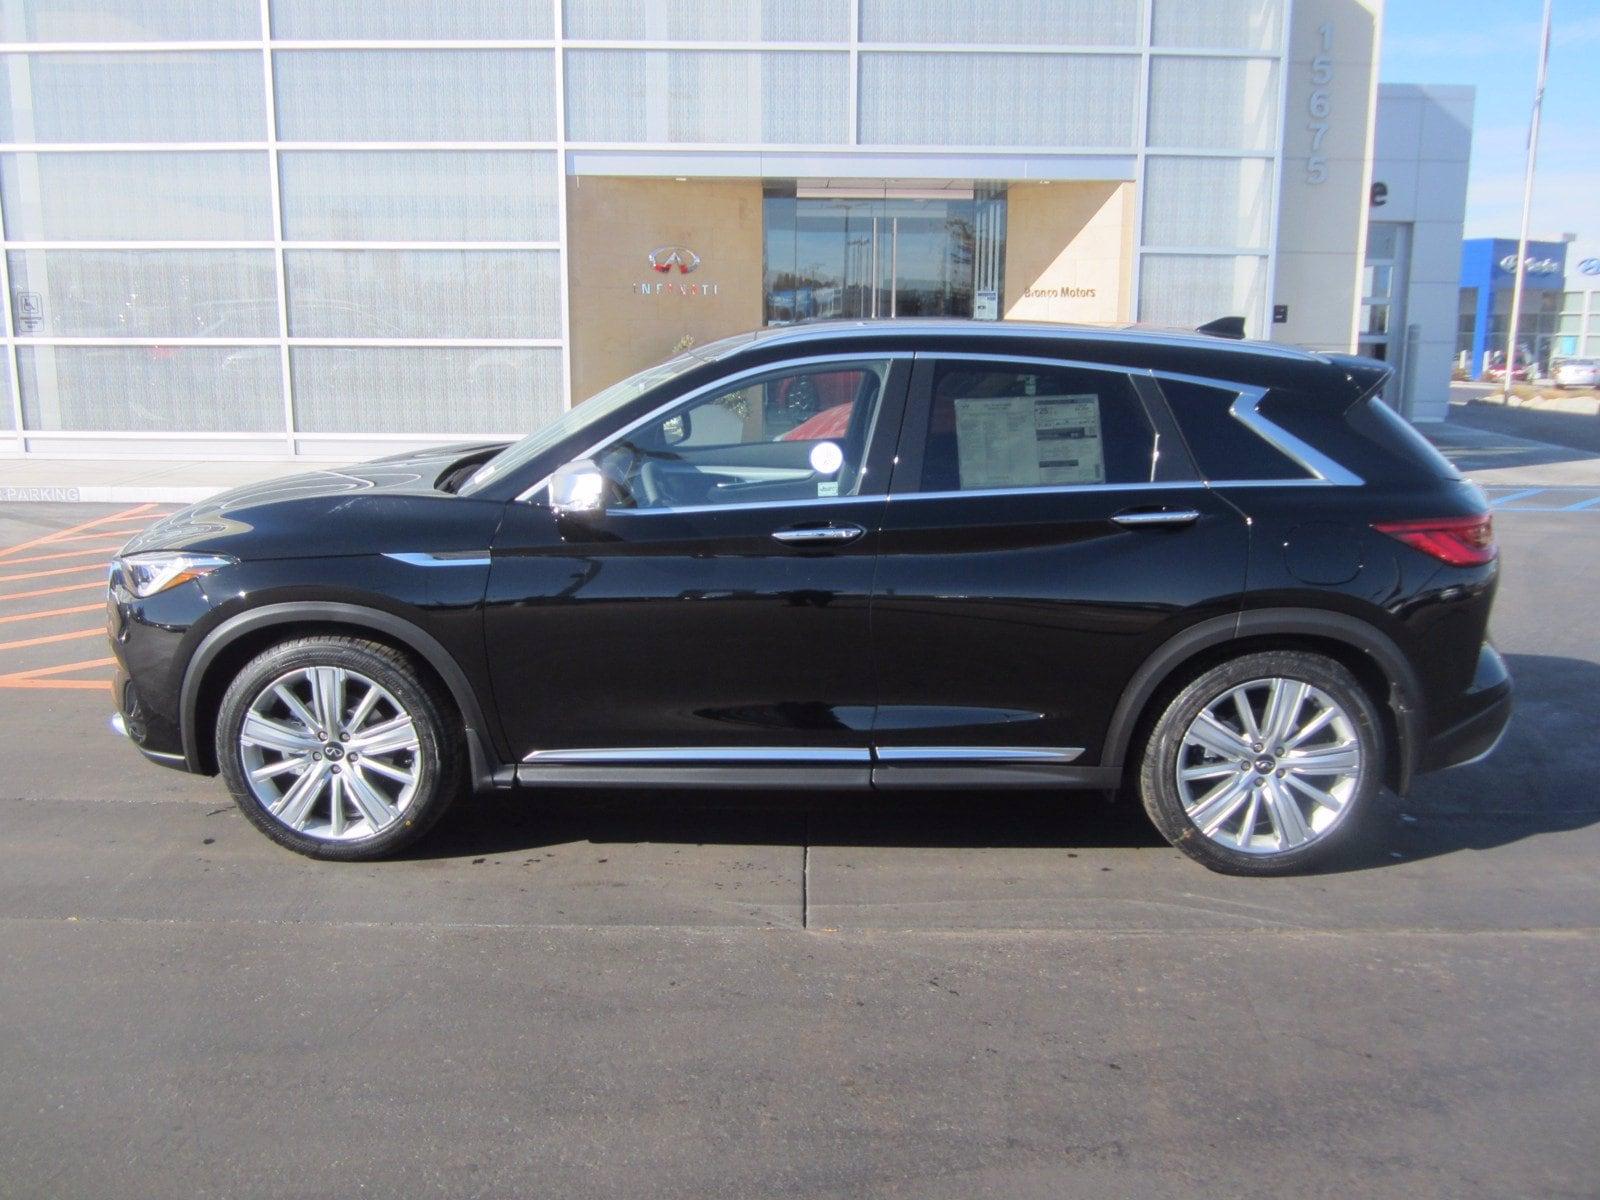 2021 INFINITI QX50 SUV